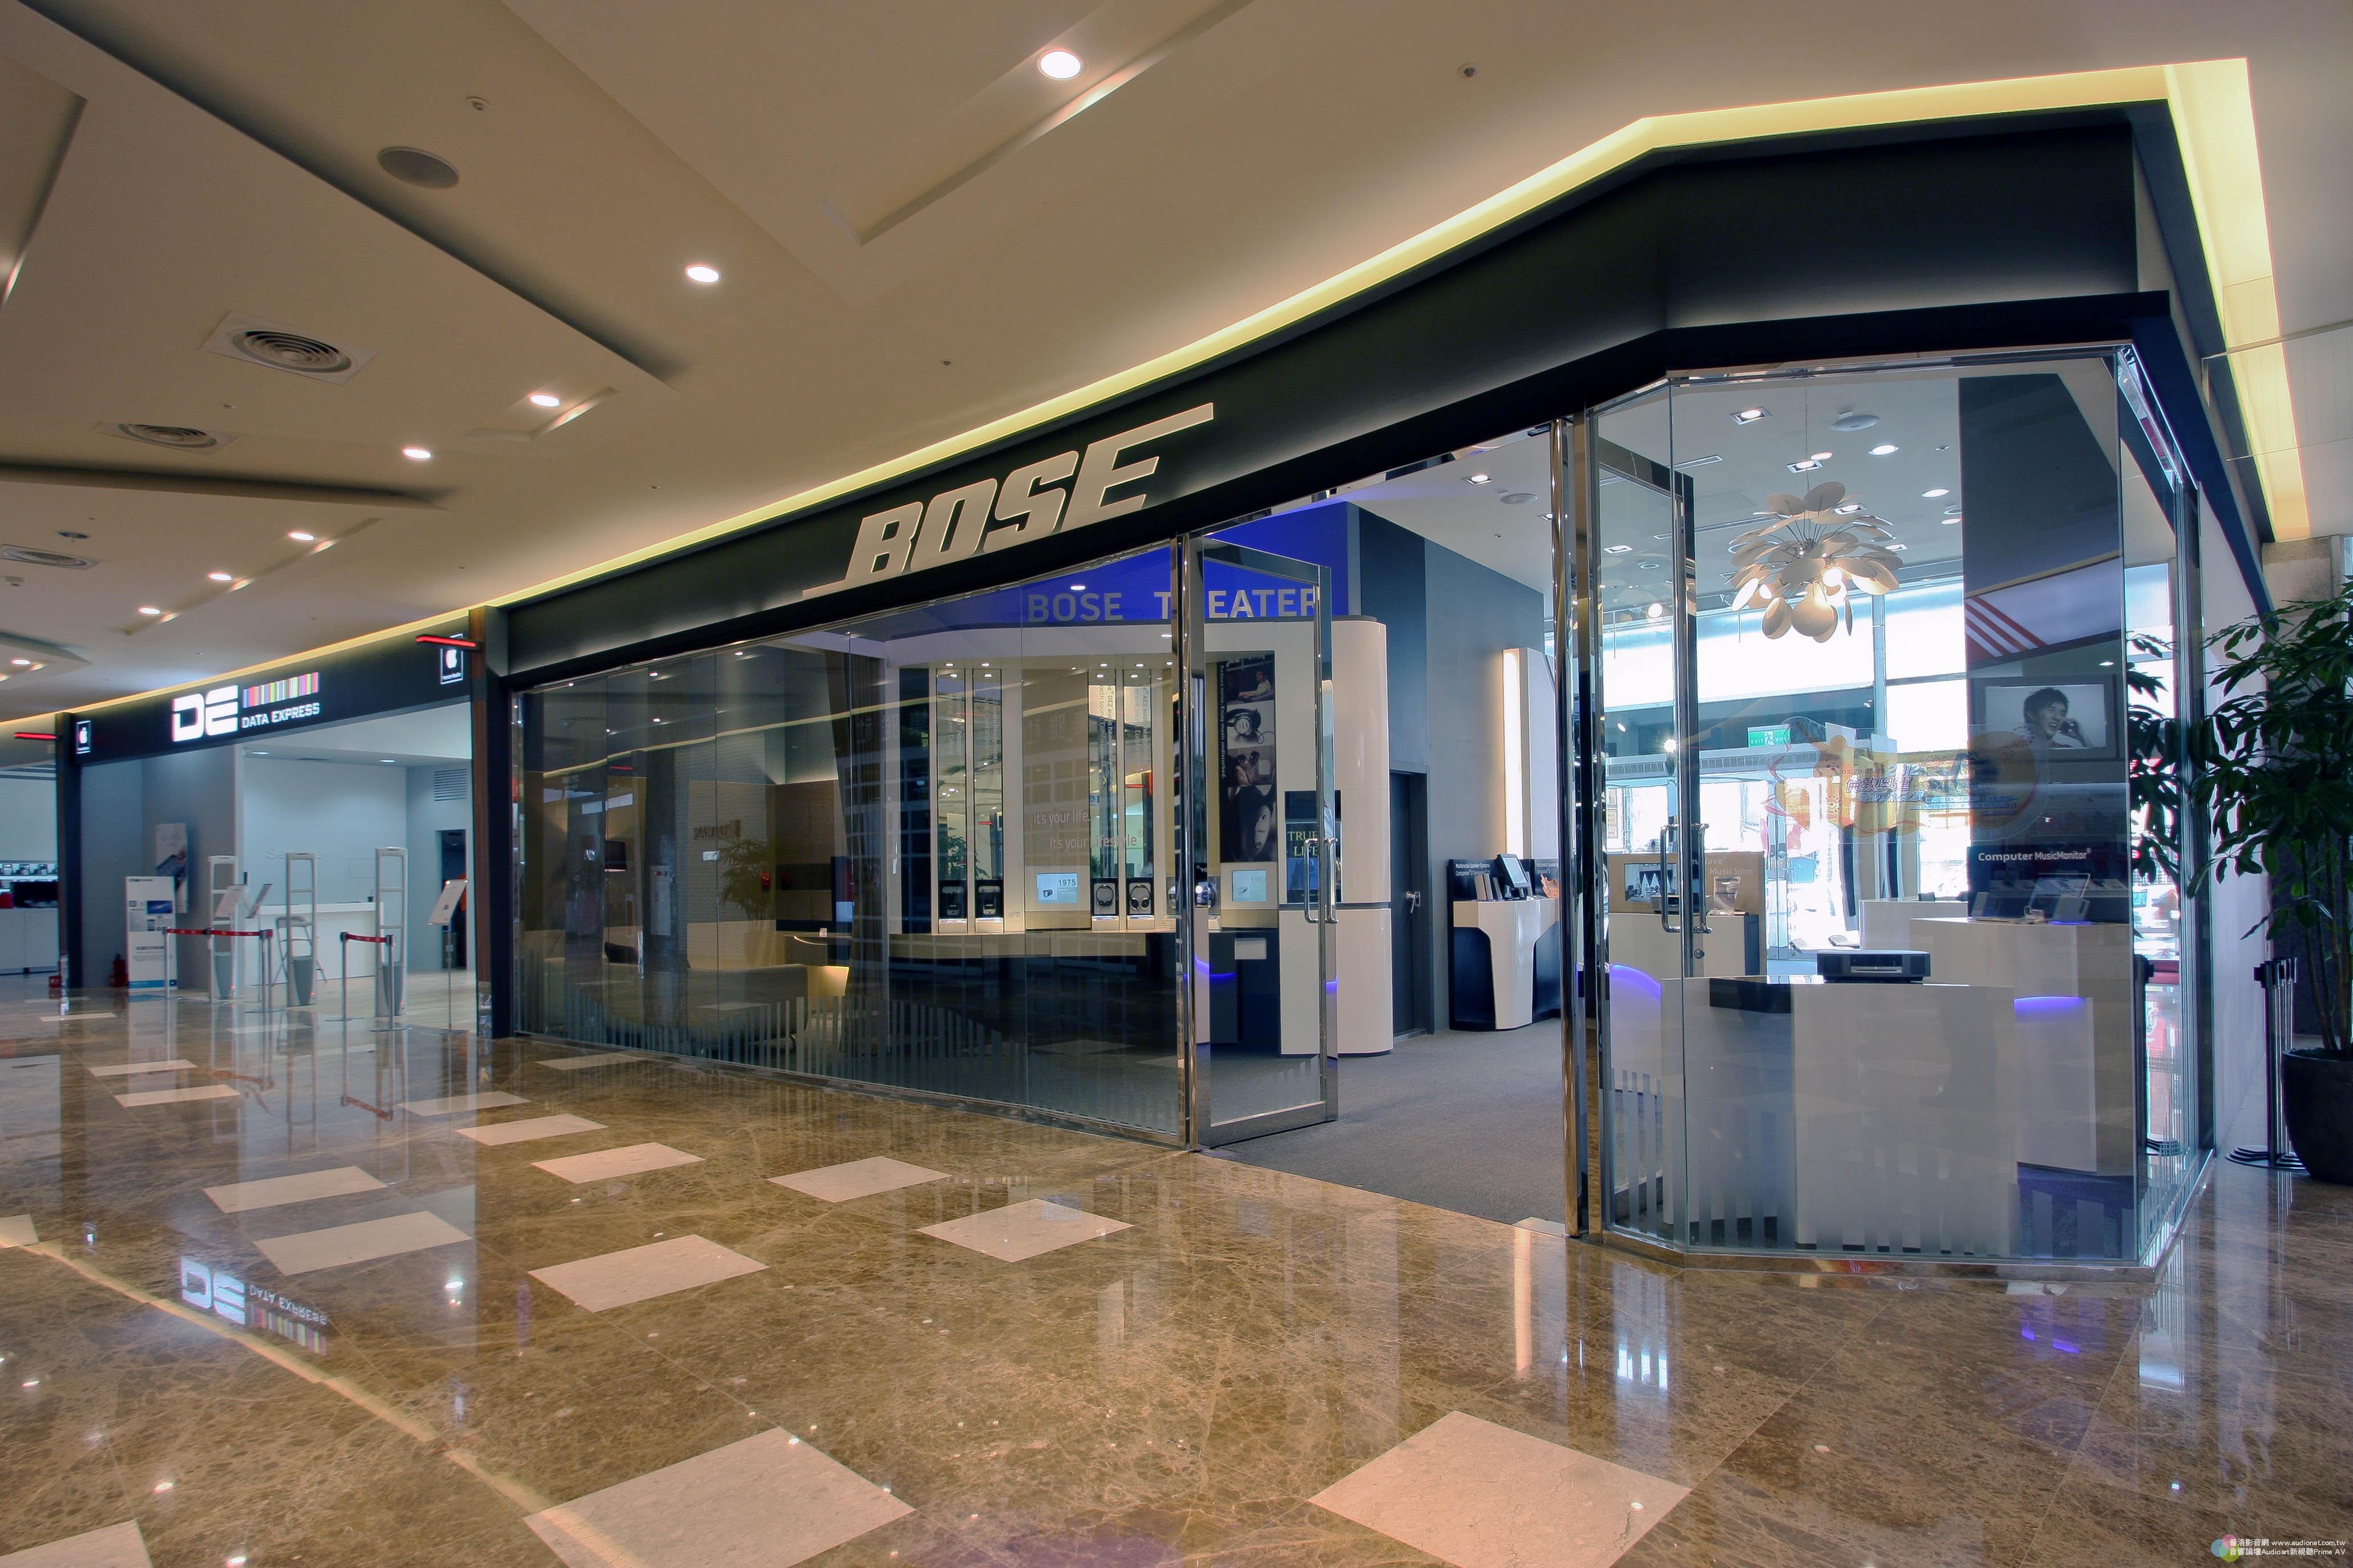 bose音响新竹旗舰店在远东巨城购物中心盛大开幕